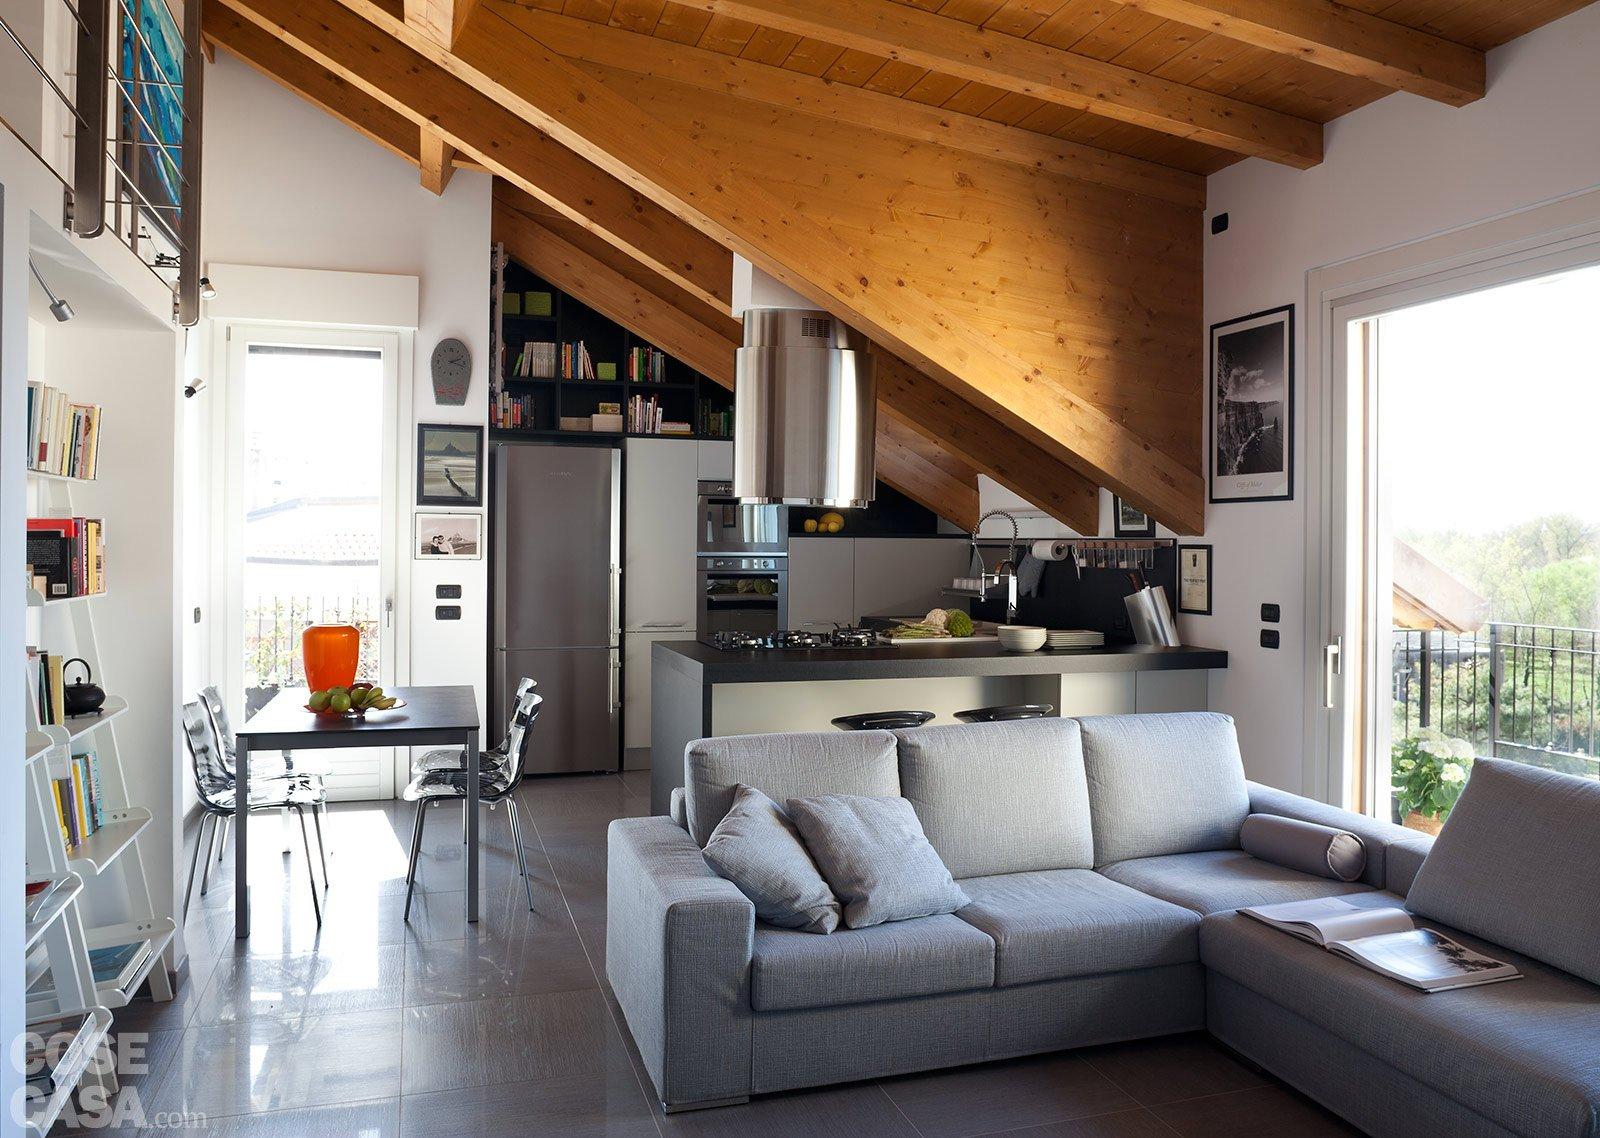 Casabook immobiliare marzo 2014 for Piani di casa open space